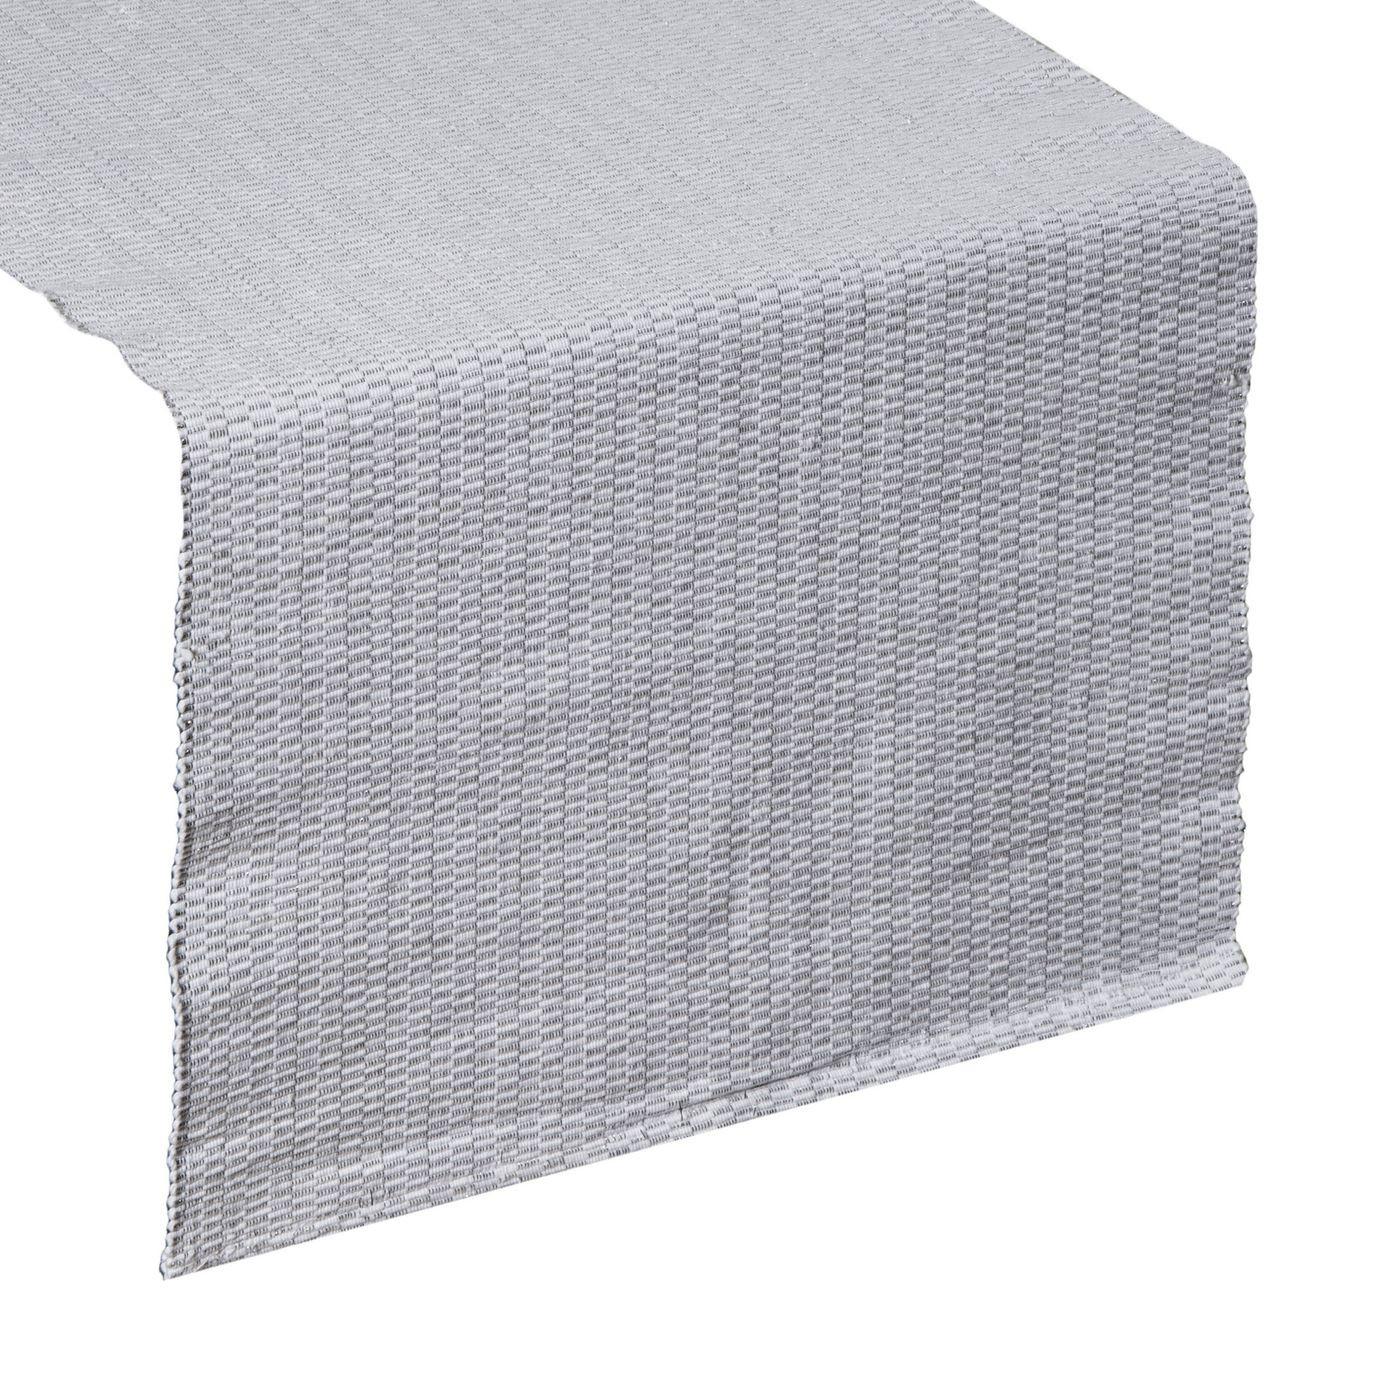 Strukturalny bieżnik na stół stalowy szary 40x140 cm